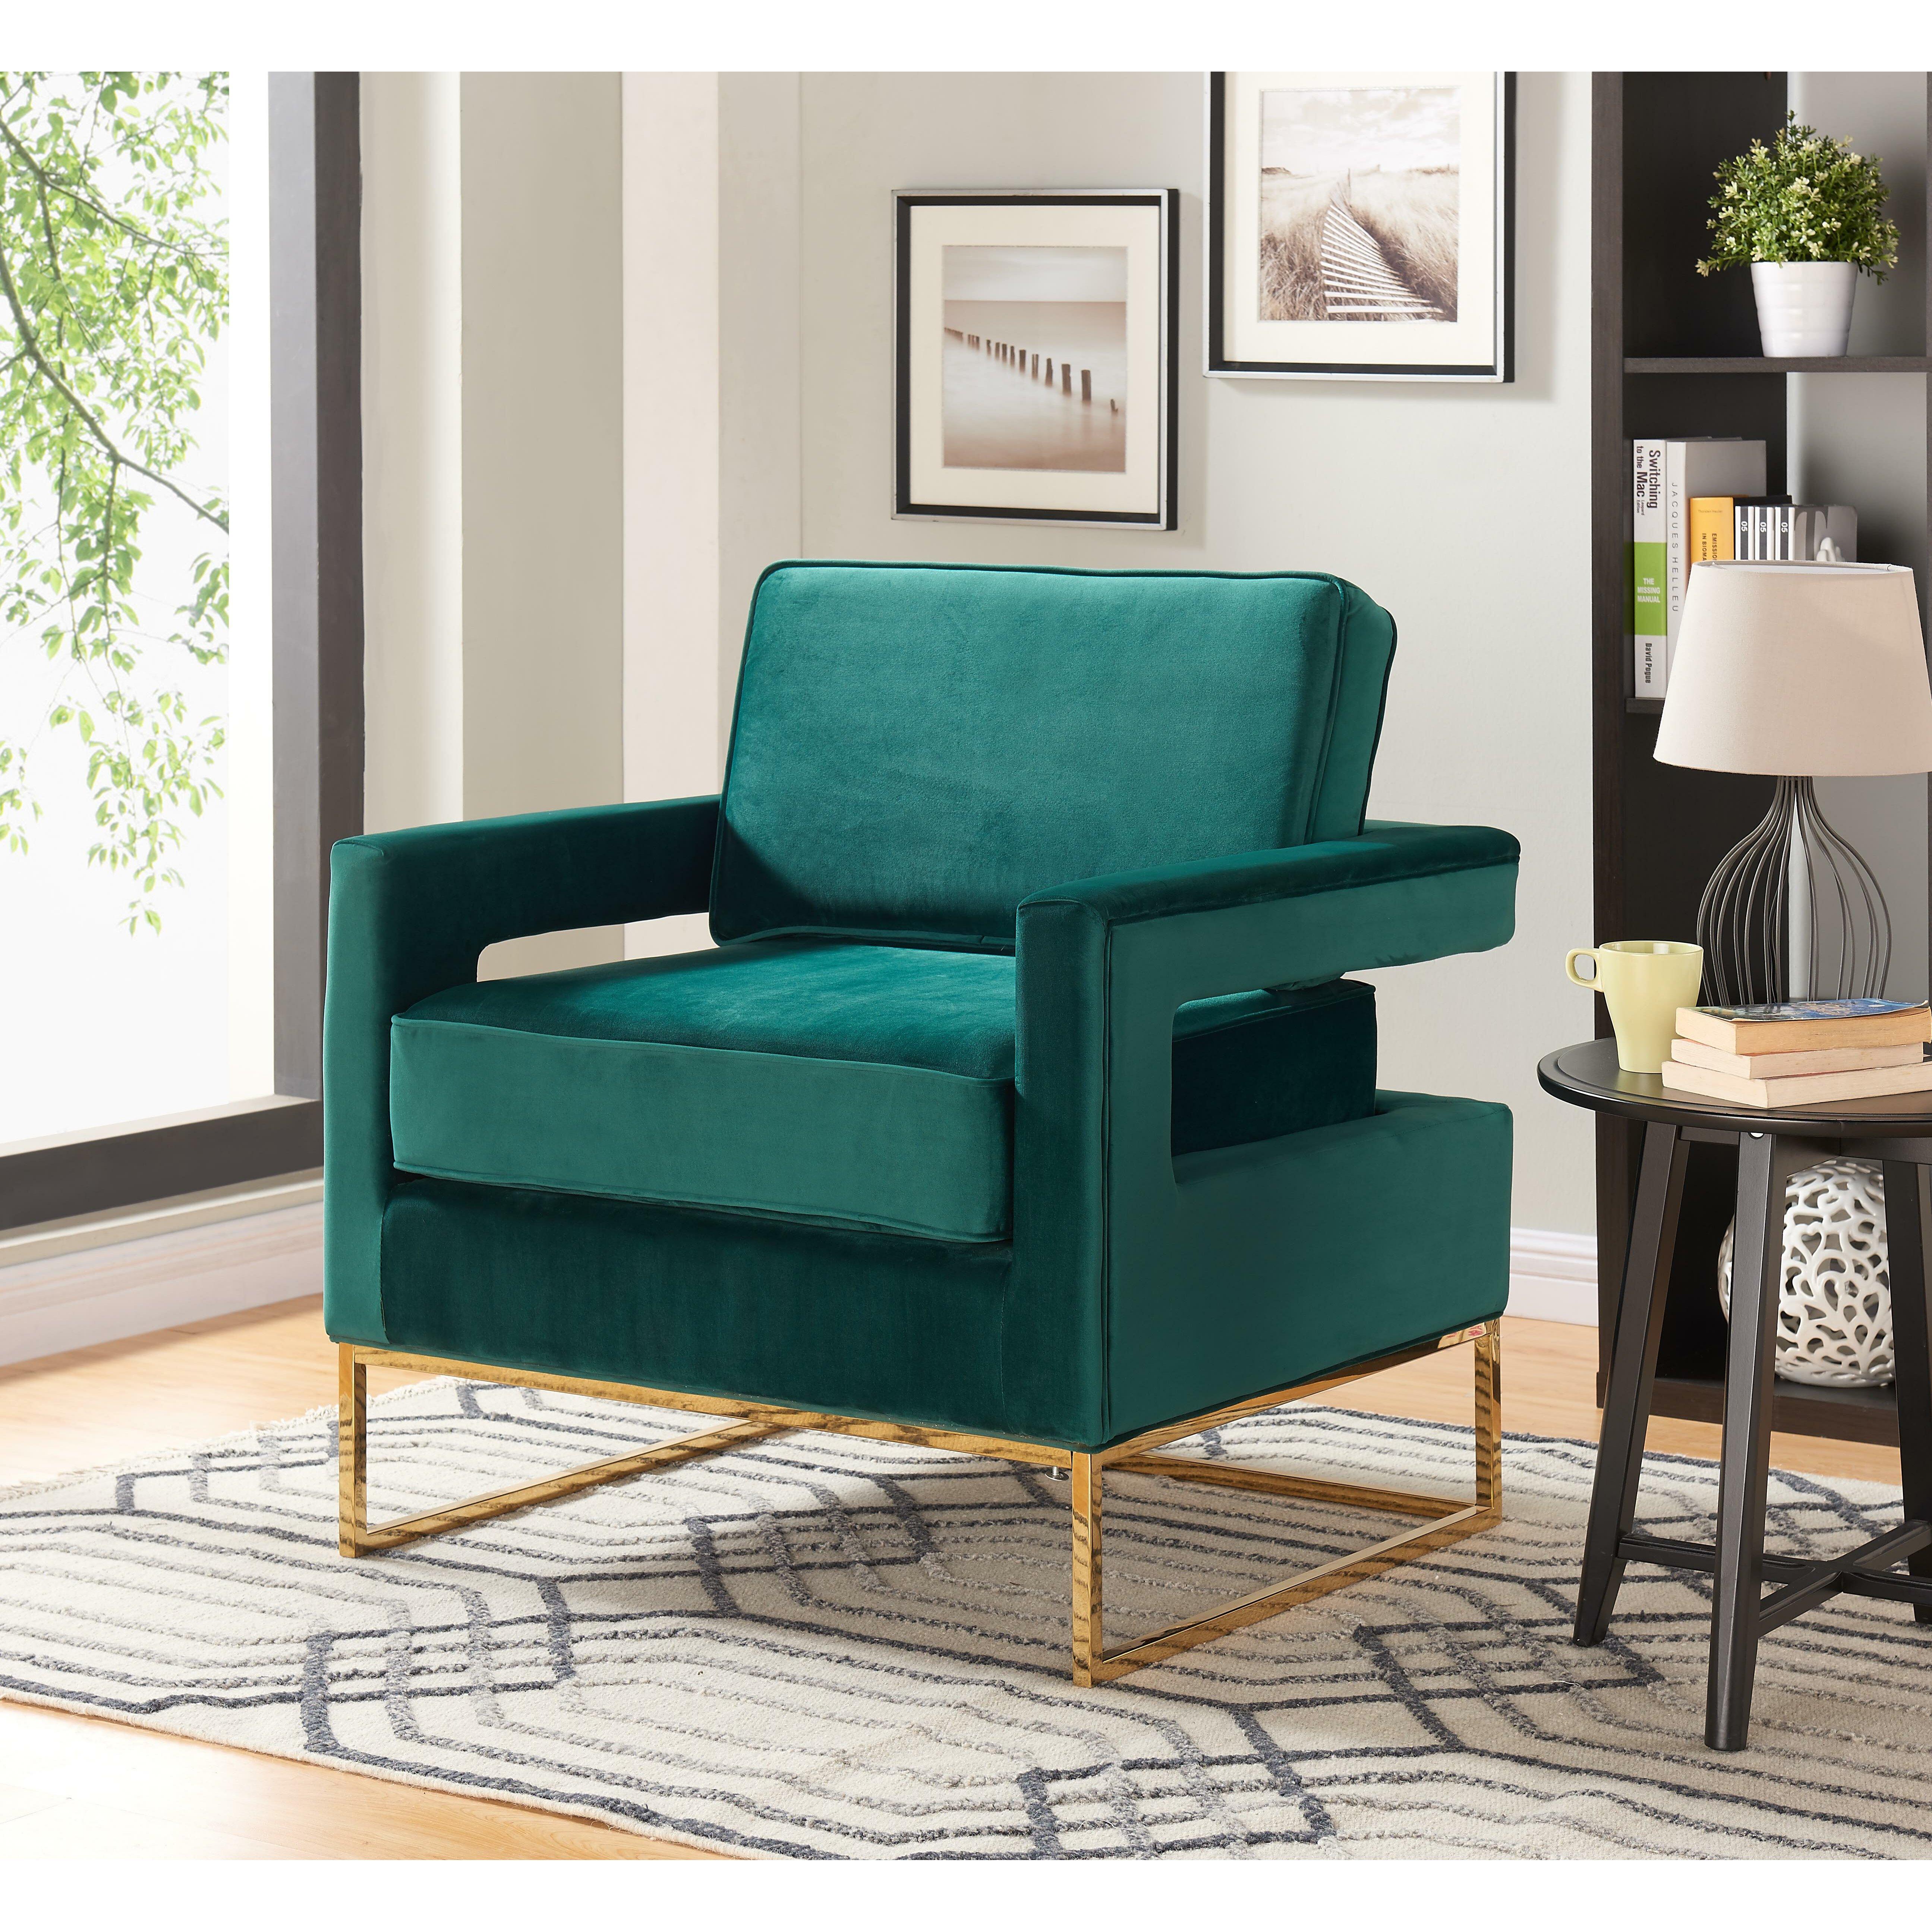 Meridian Furniture Usa Noah Arm Chair Reviews Wayfair